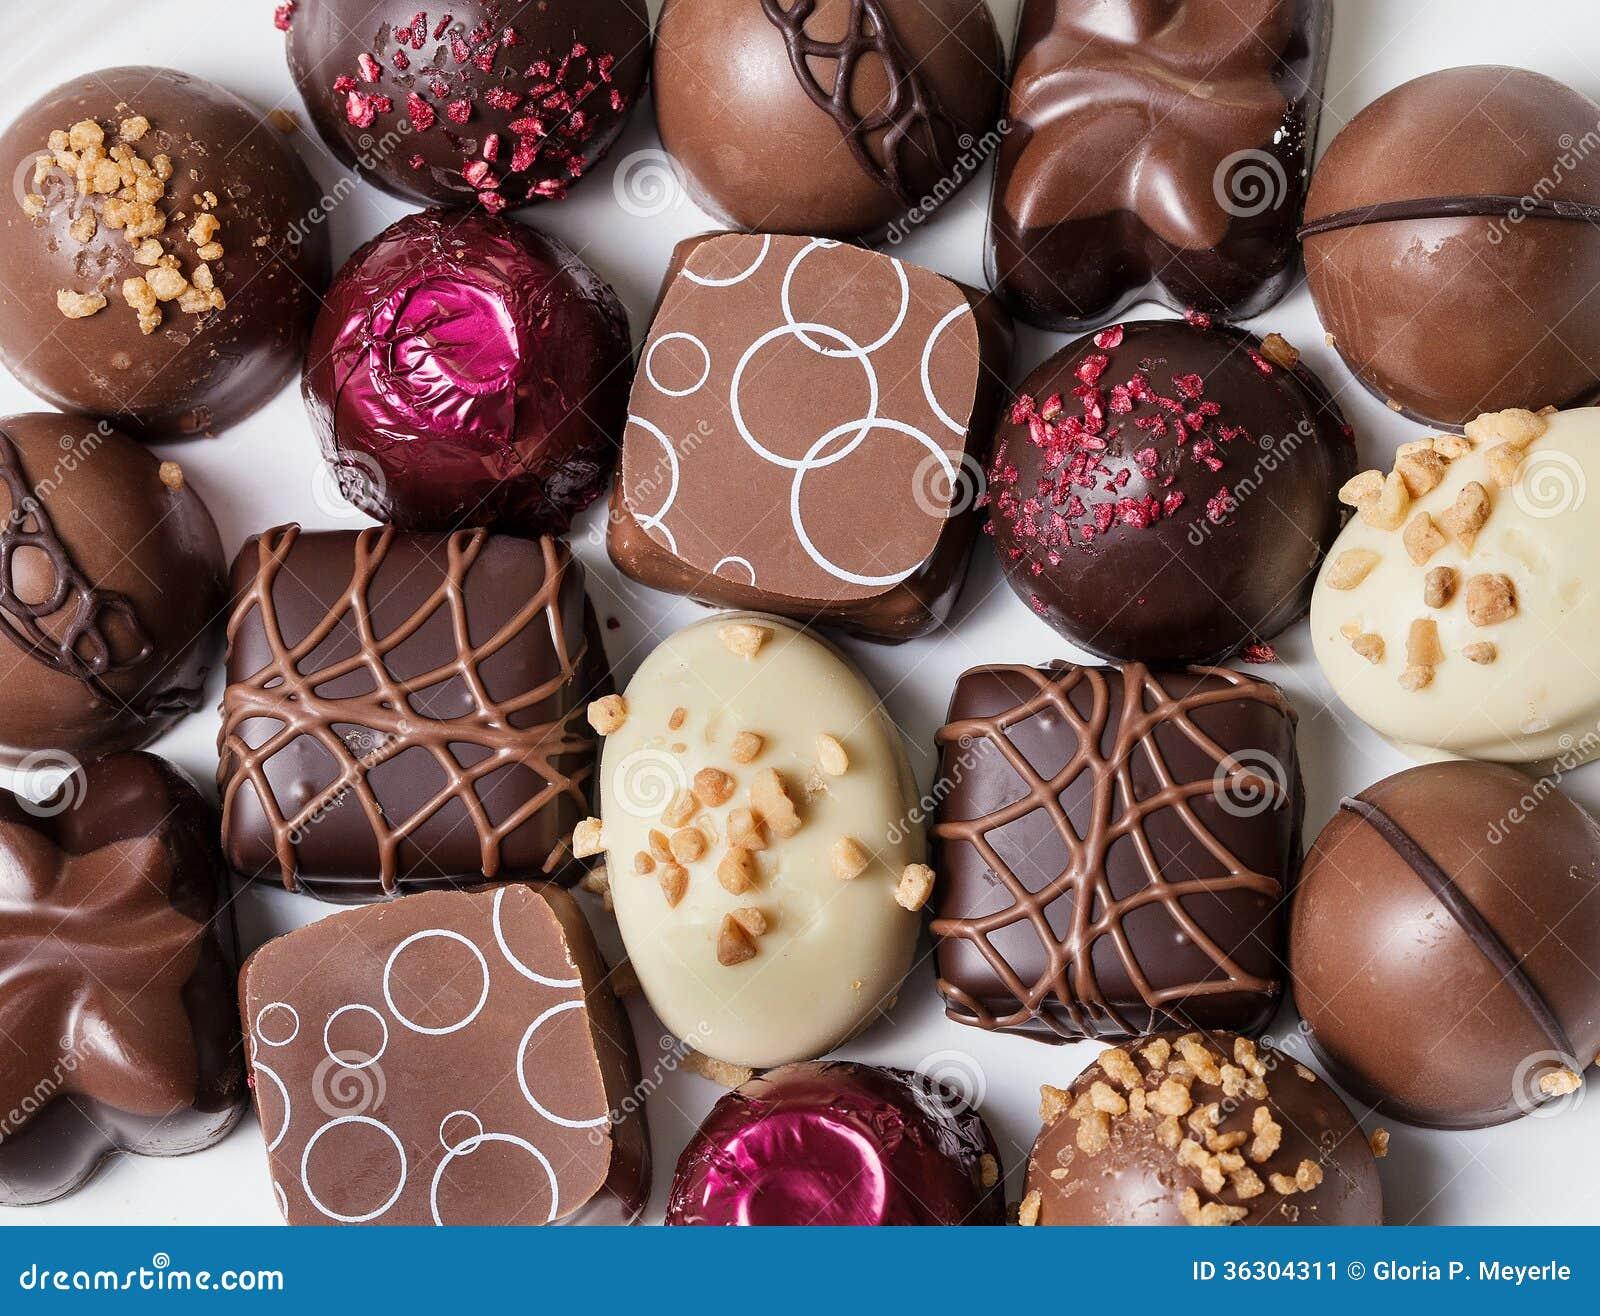 Gourmet Chocolates Stock Photos - Image: 36029923